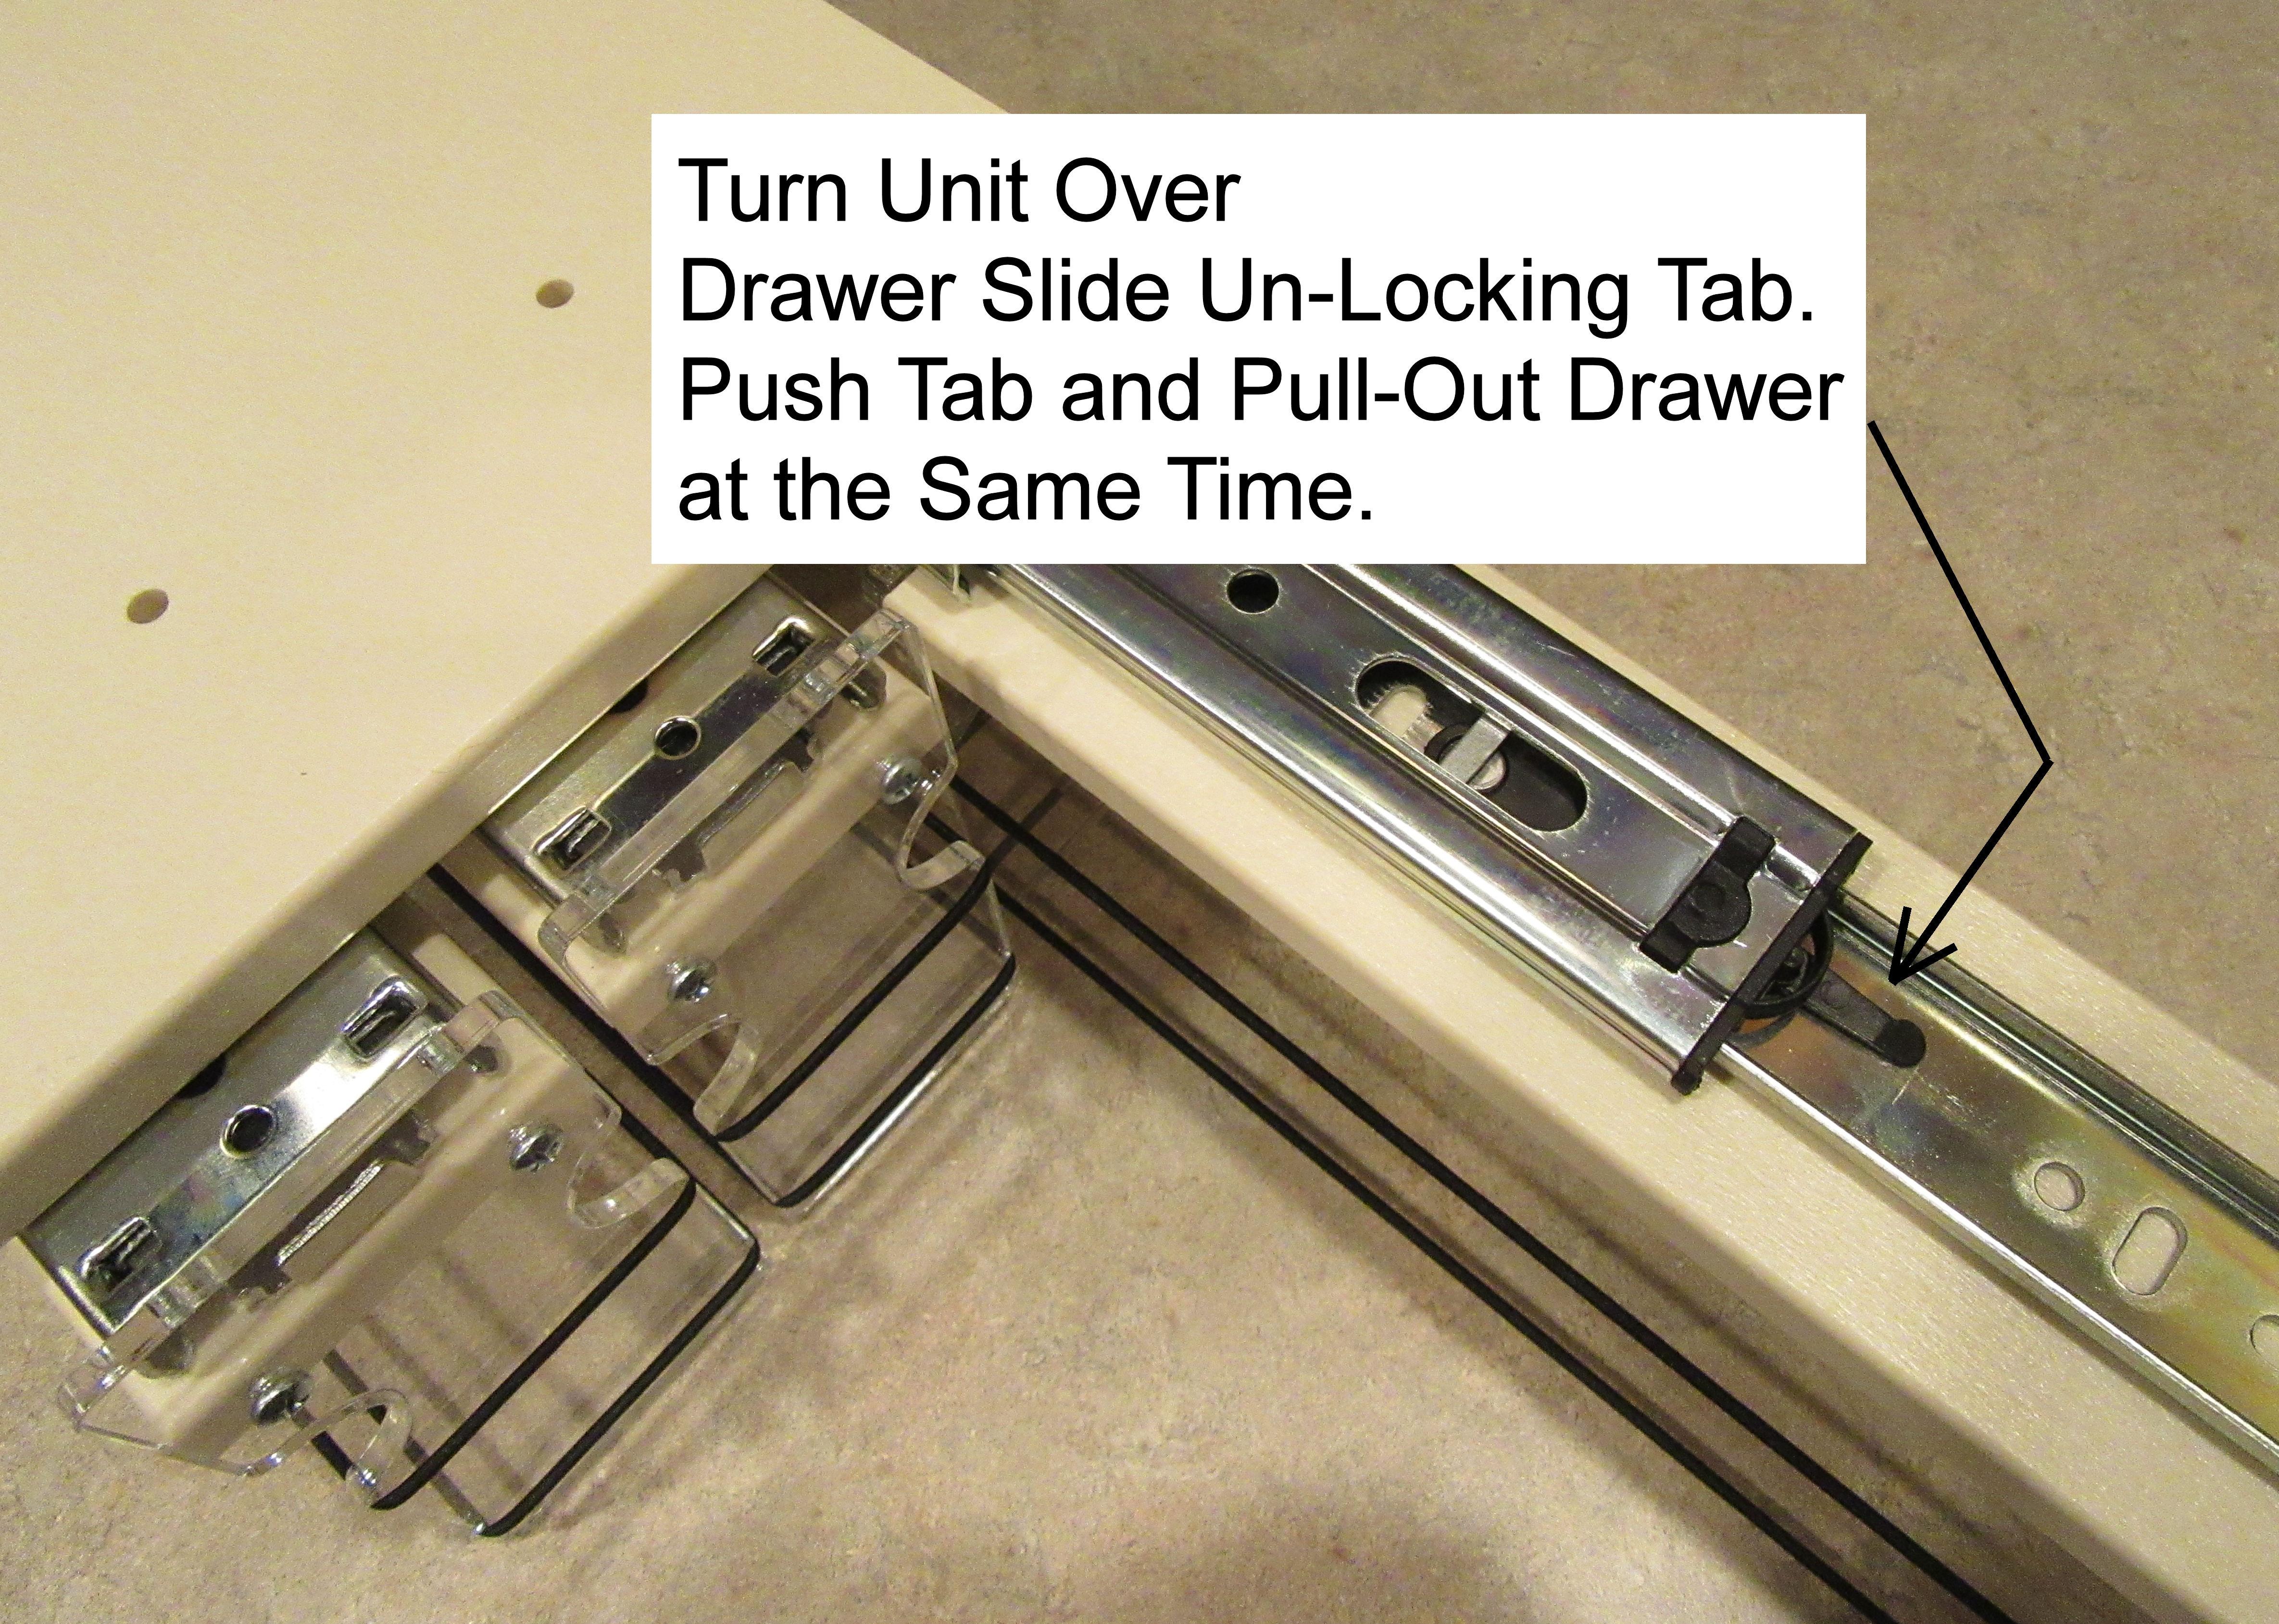 Spice Rack Drawer Locking Tab